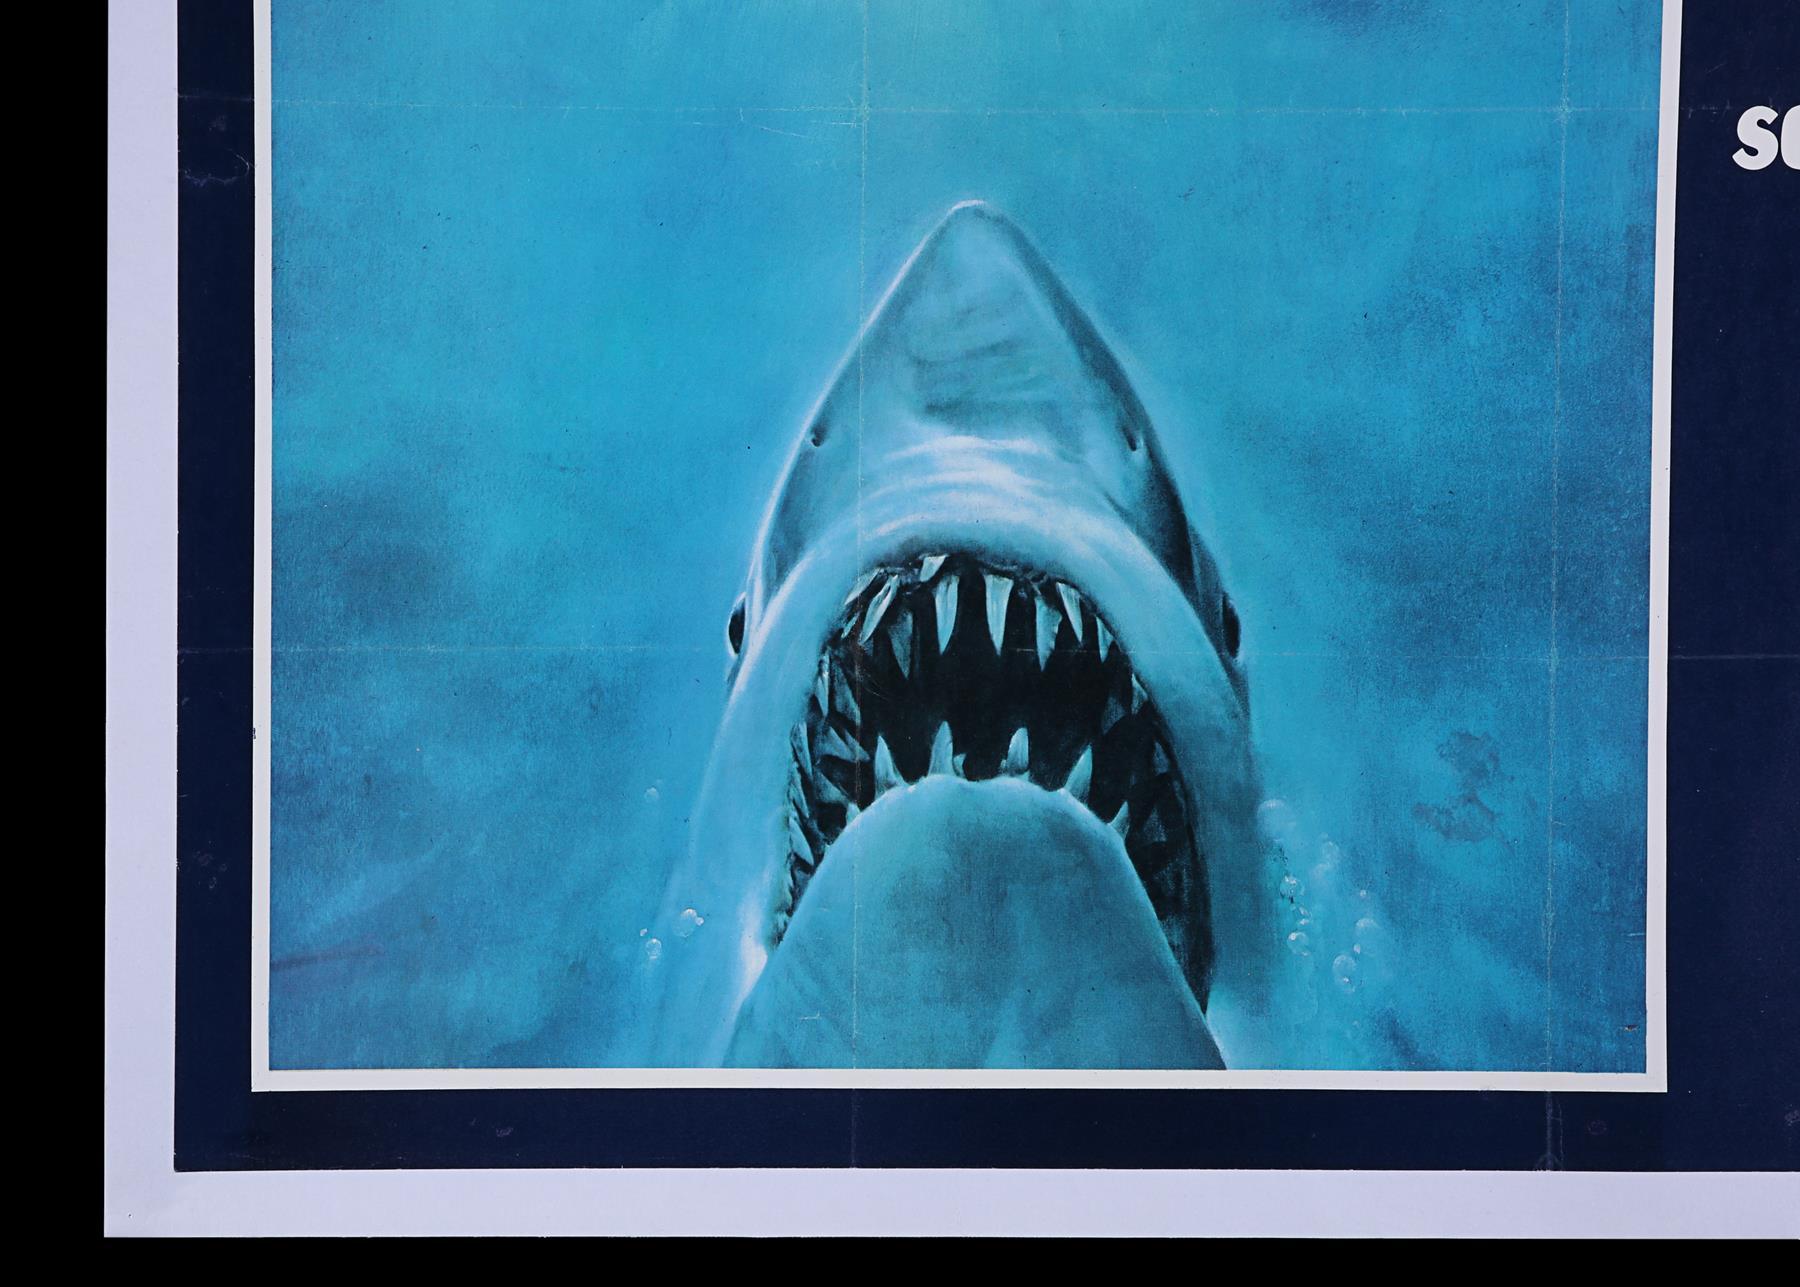 JAWS (1975) - UK Quad, 1975 - Image 5 of 5